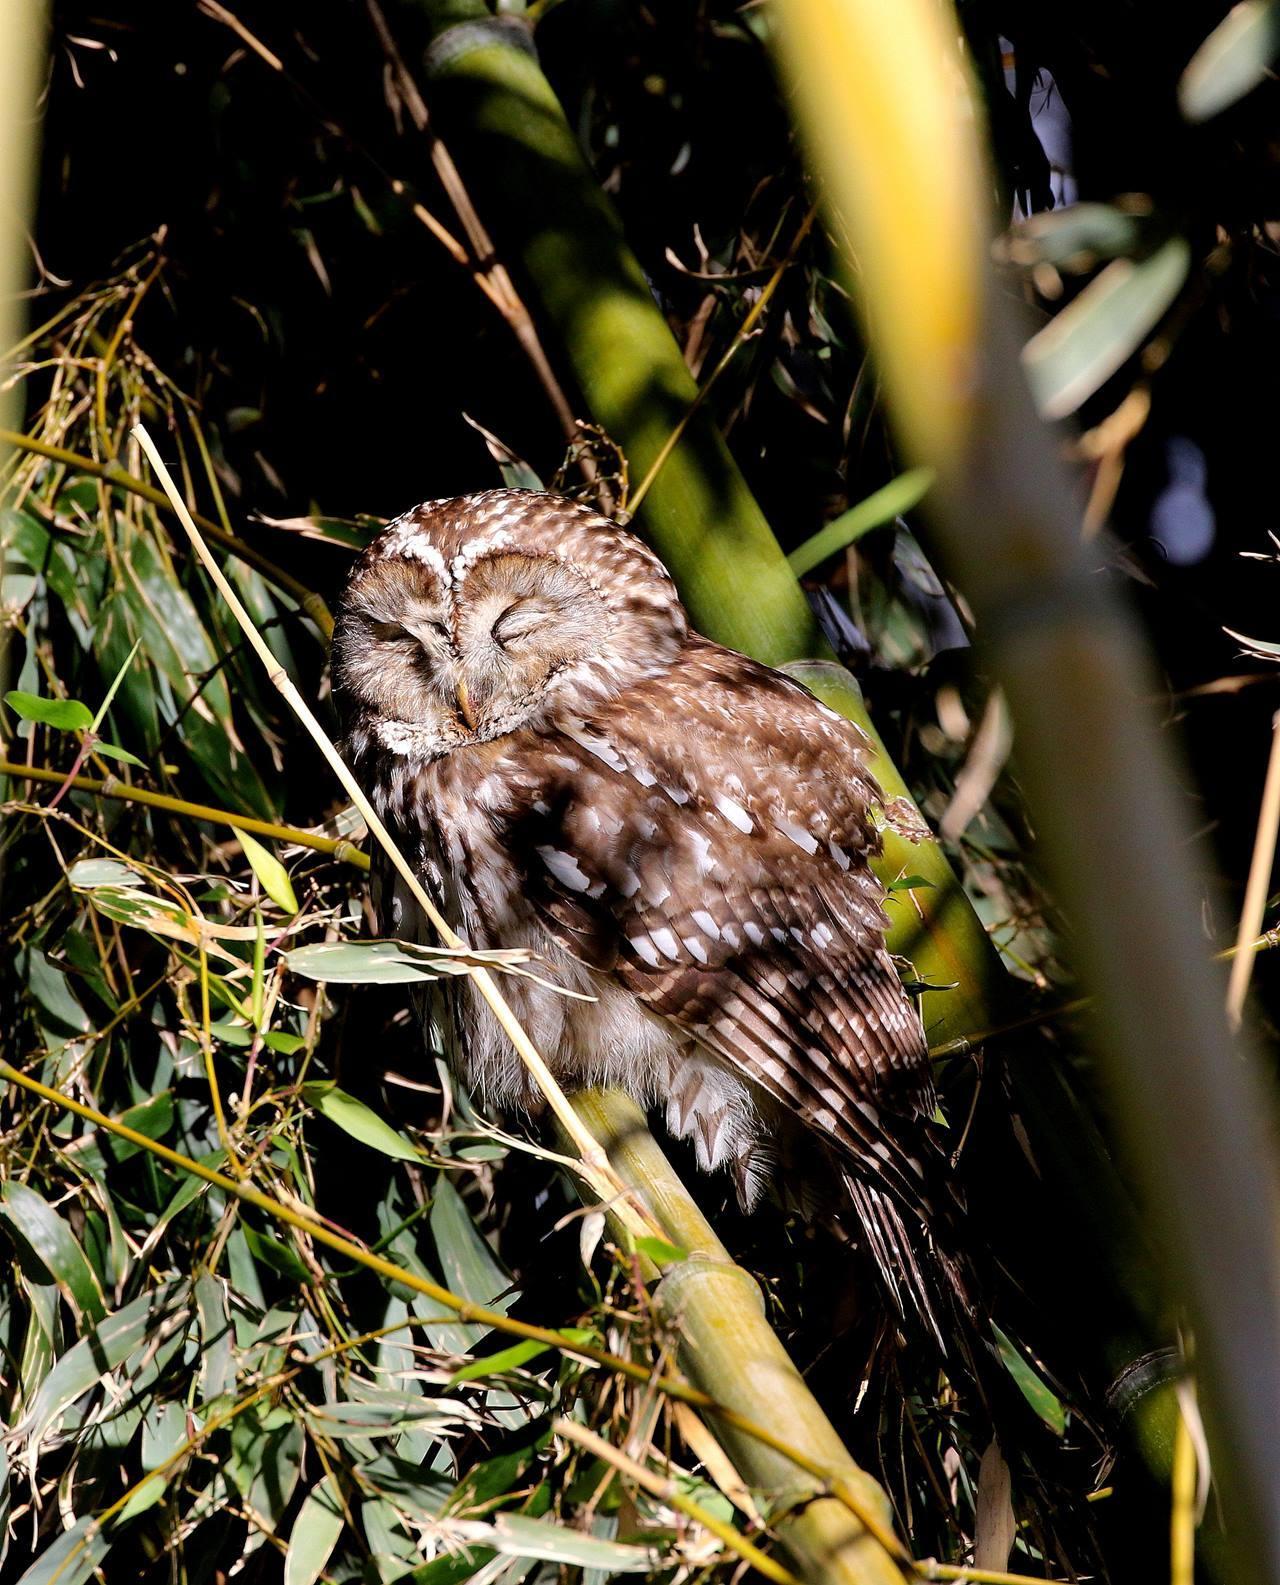 フクロウが竹やぶに飛んできた・・・_c0213607_18083736.jpg